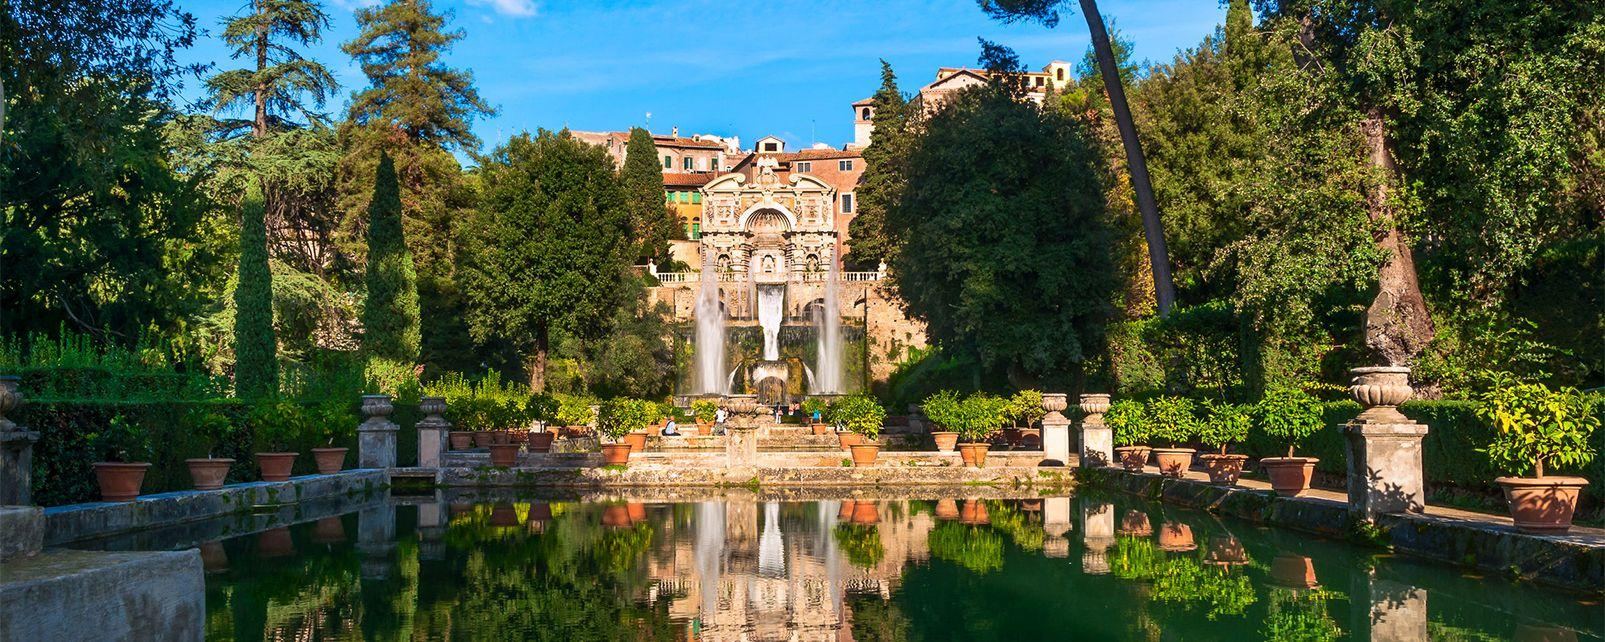 La villa d 39 este de tivoli latium italie for Jardin tivoli